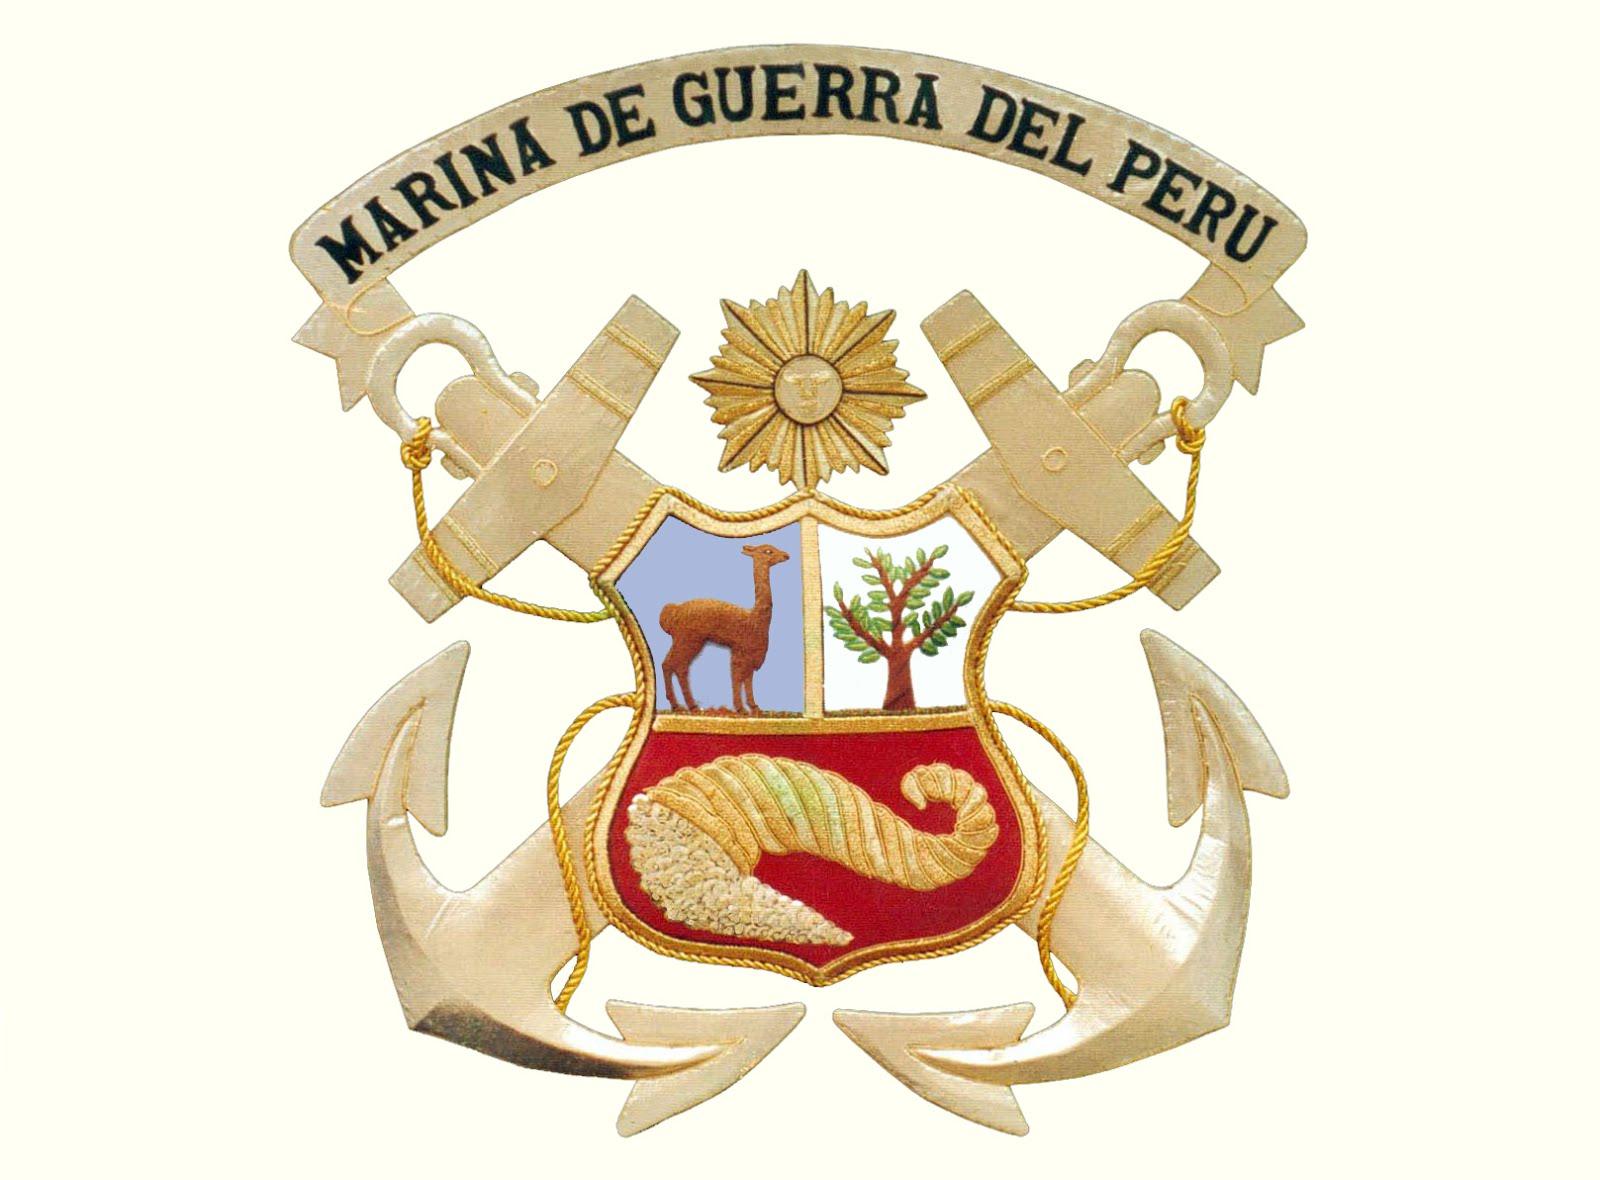 Marina de Guerra del Peru